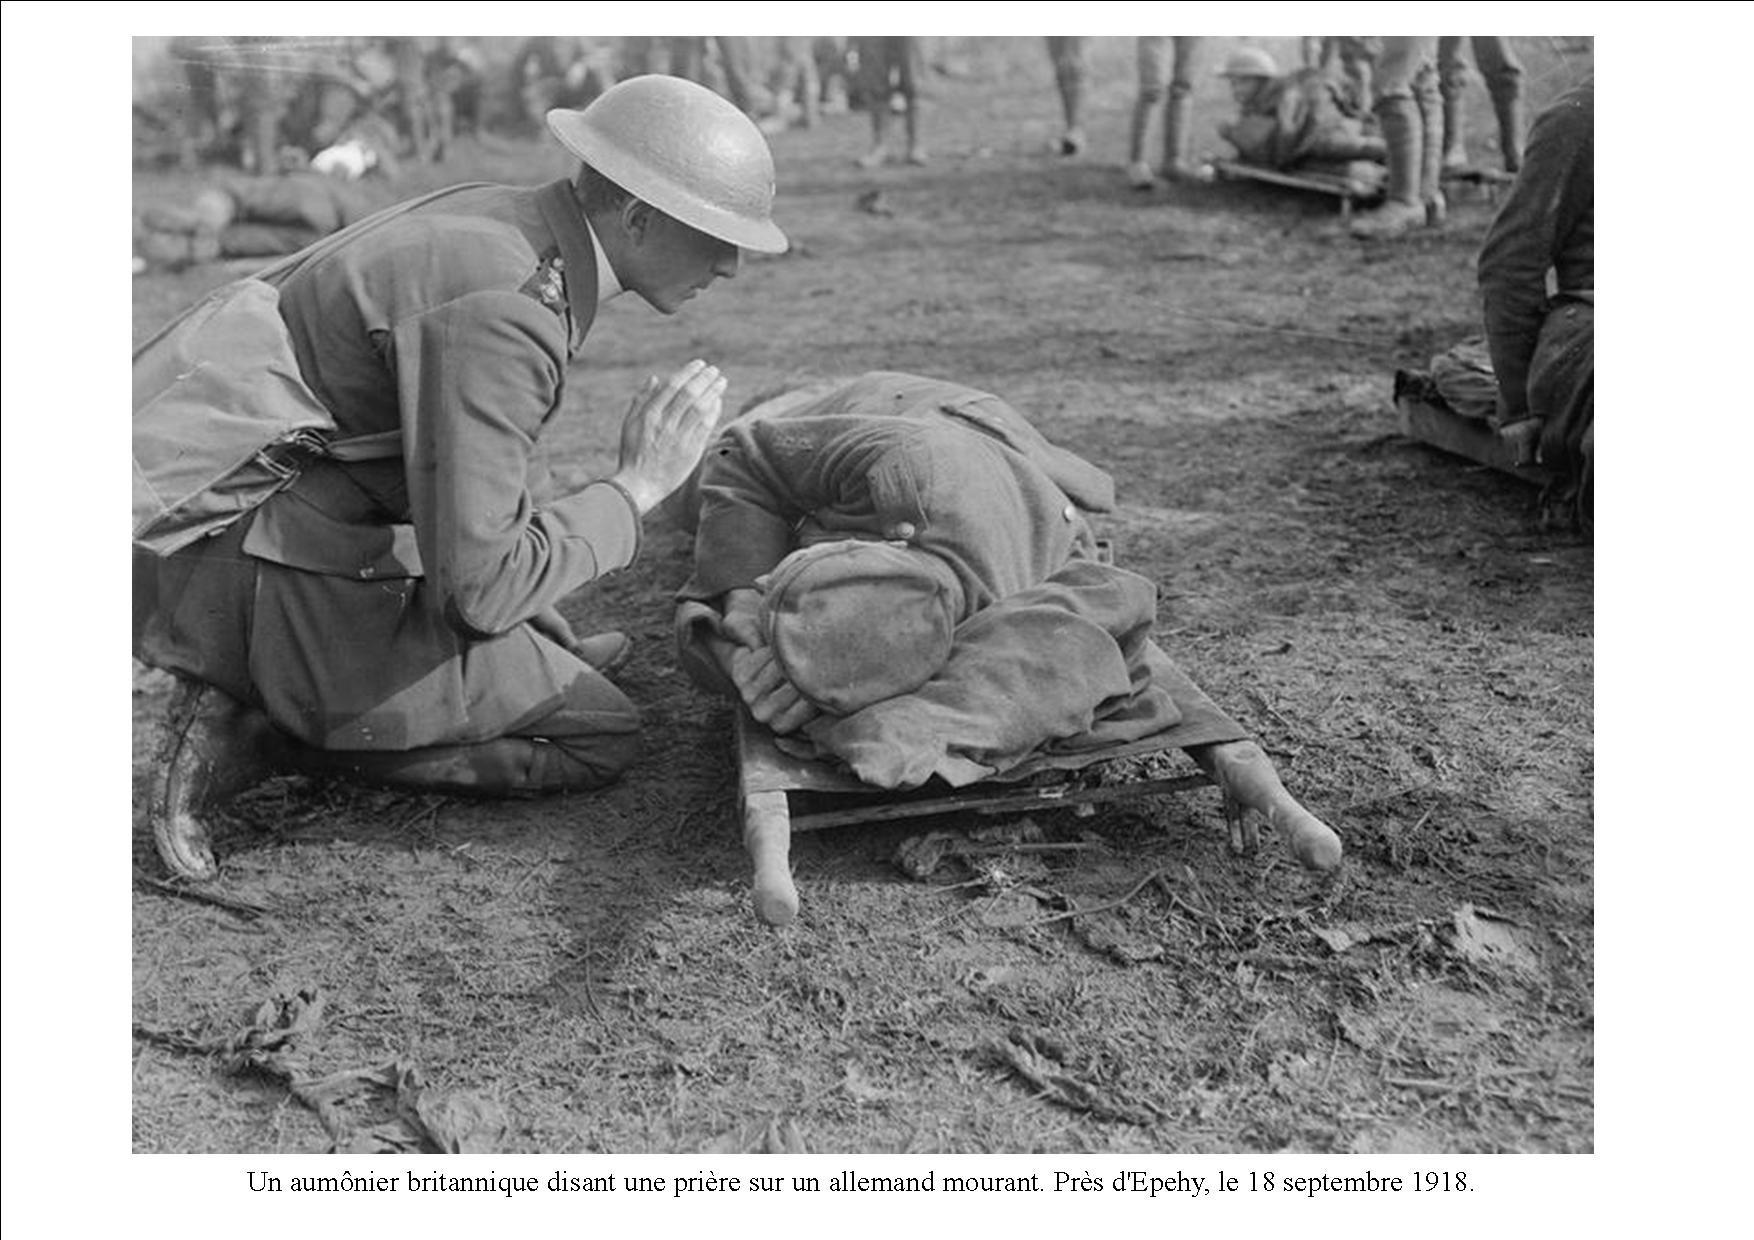 Le 18 septembre 1918. après les durs combats, un aumonier anglais prie pour un soldat allemand mourant